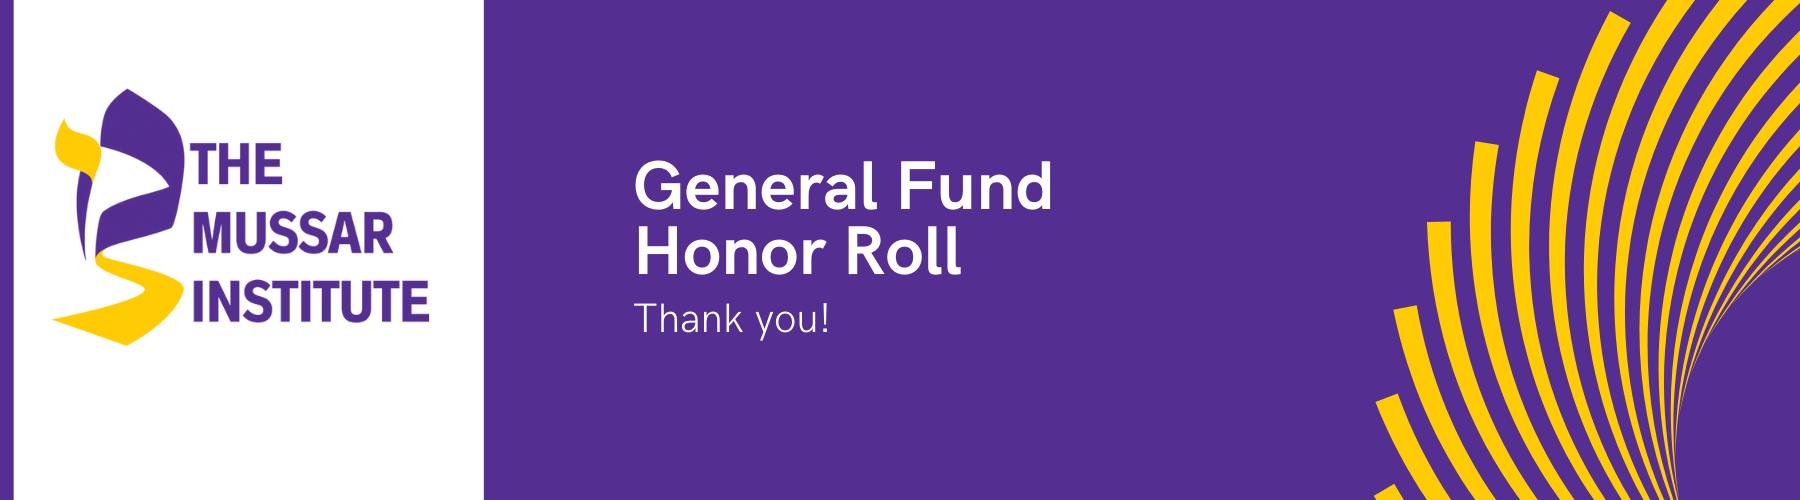 General Fund Banner